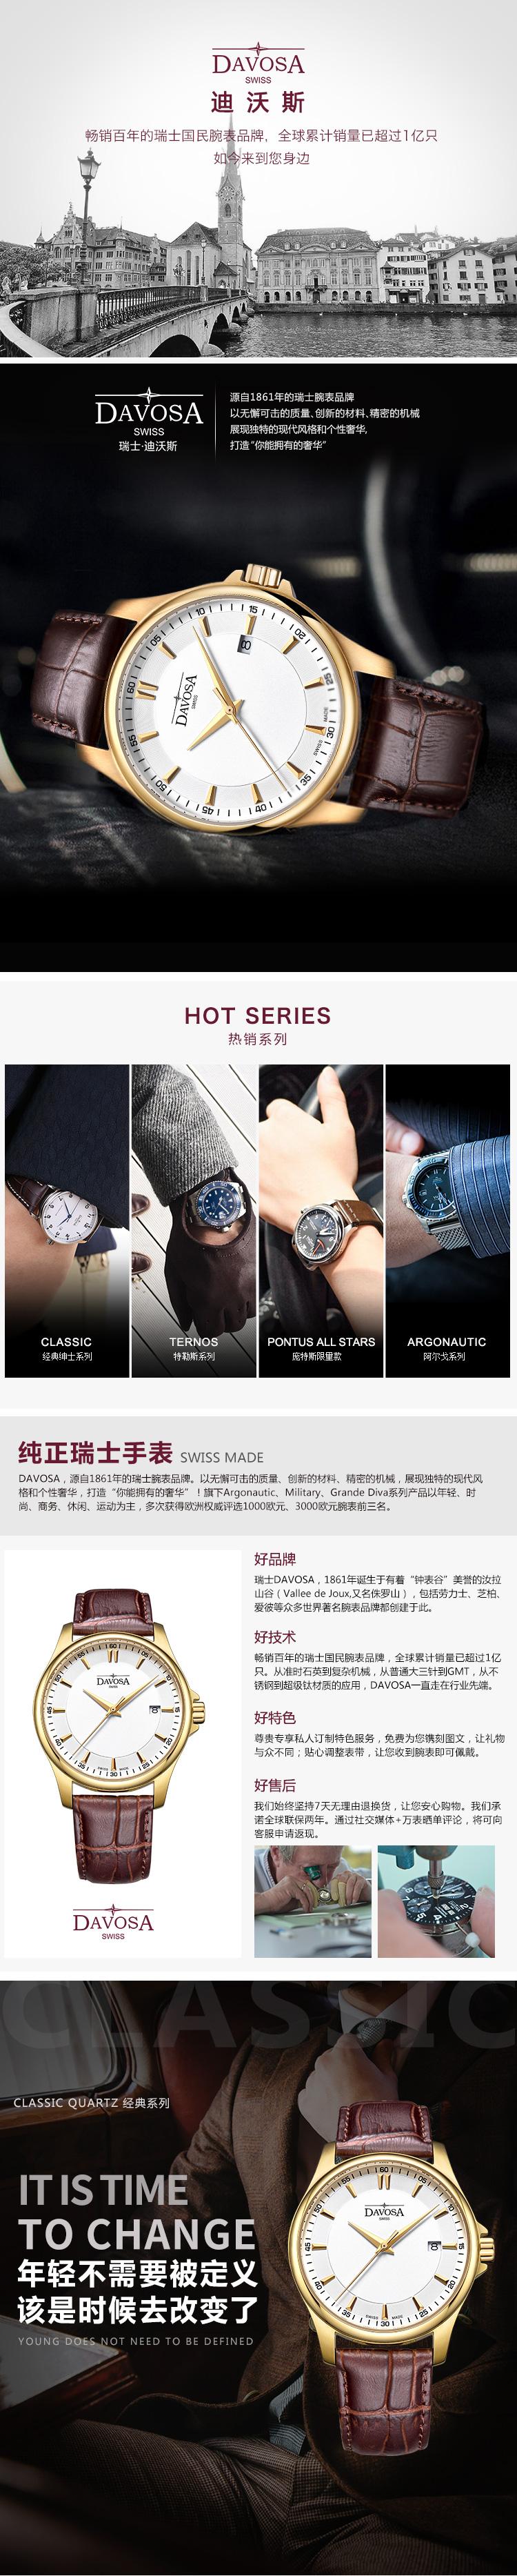 瑞士迪沃斯(DAVOSA)-Classic Quartz 经典系列 16246715 石英男表 手表价格很优惠